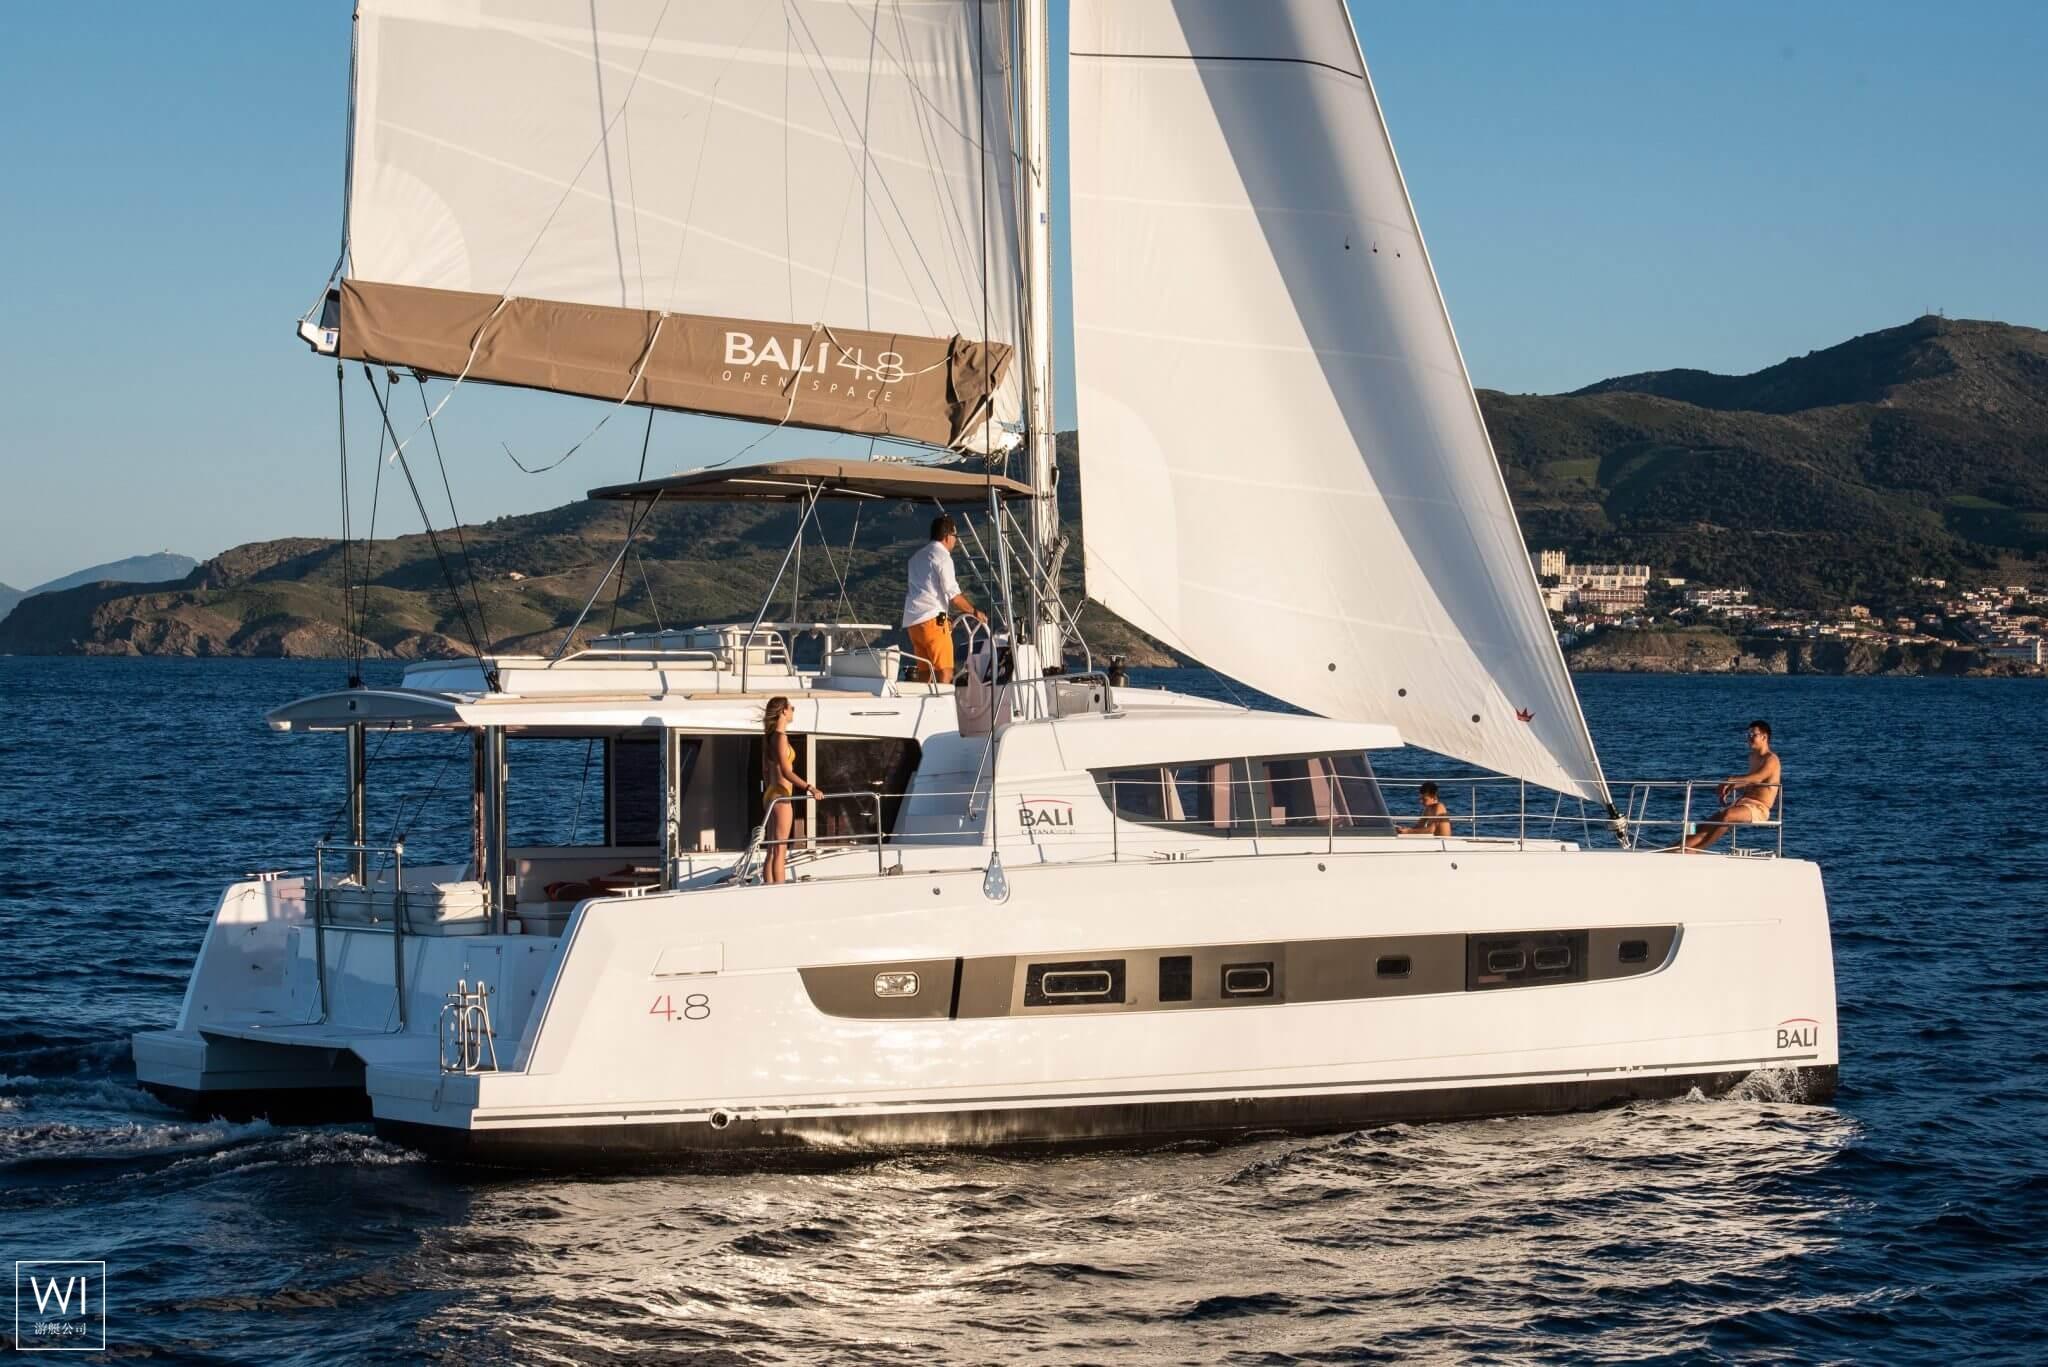 Bali 4.8 Catana Catamaran Exterior 1